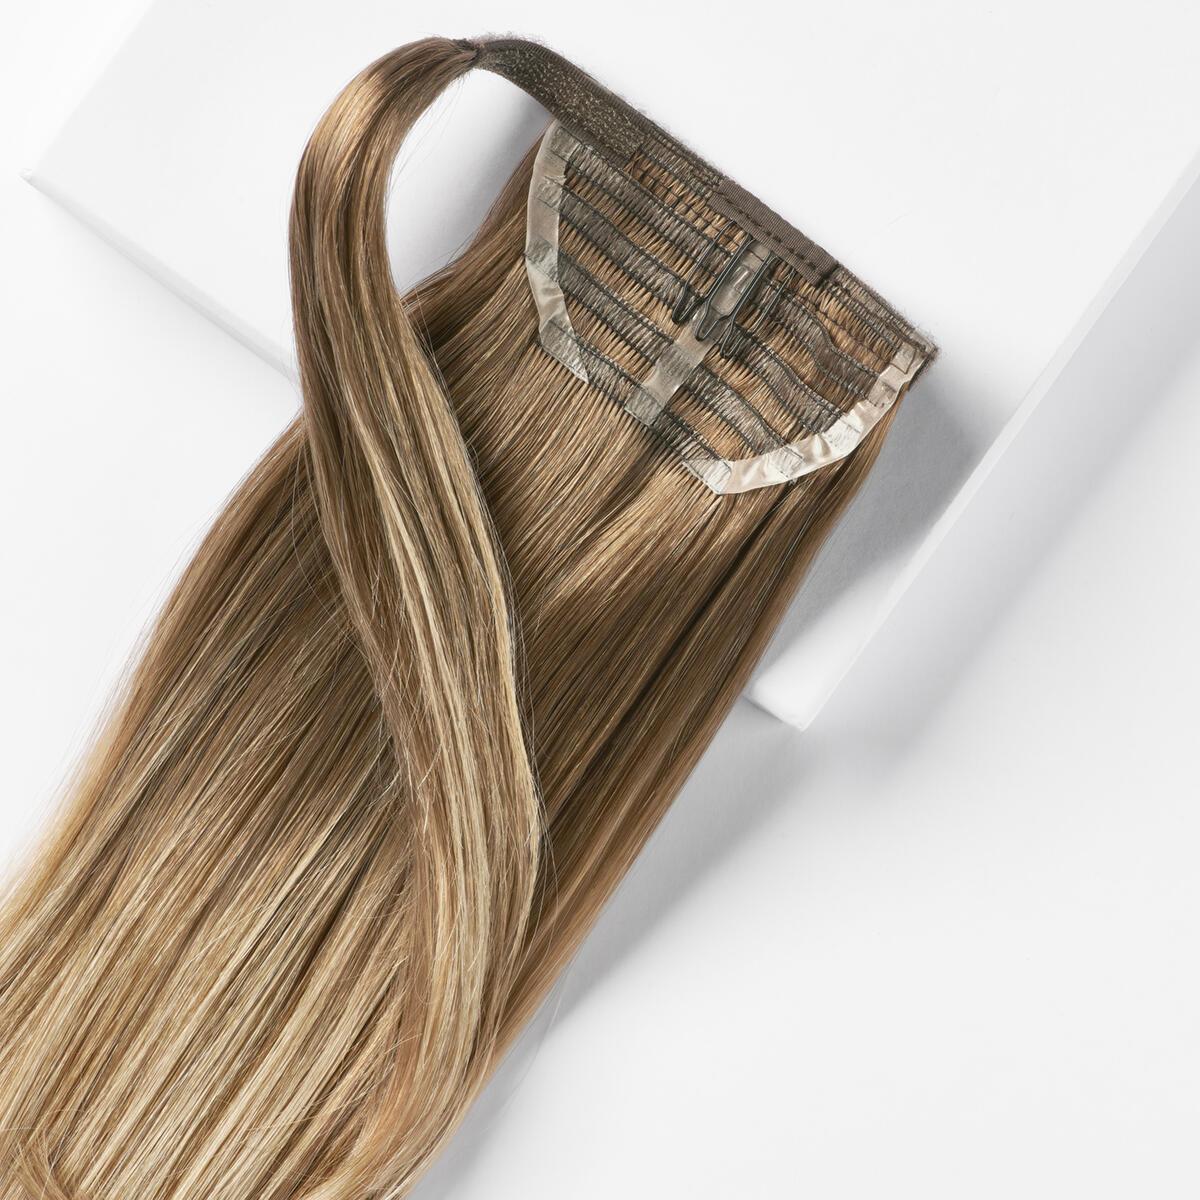 Sleek Clip-in Ponytail B5.1/7.3 Brown Ash Blonde Balayage 50 cm